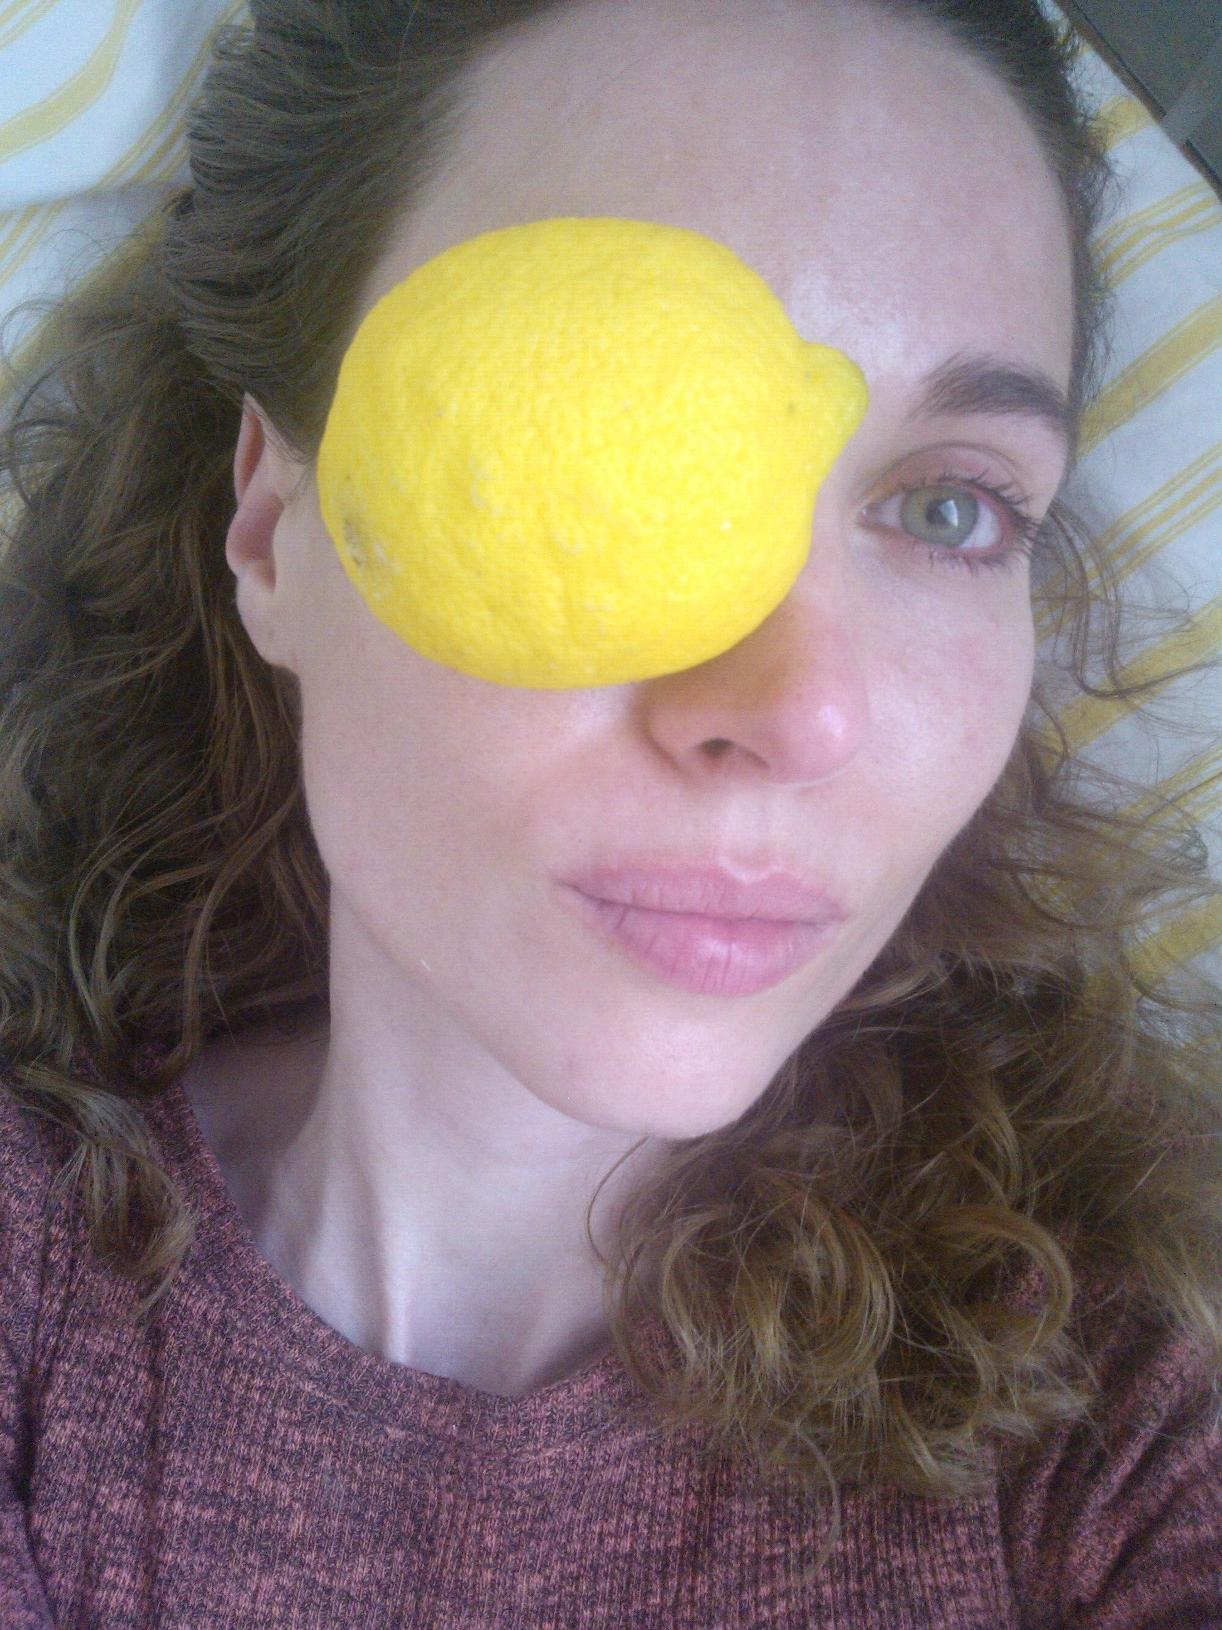 nie, to nie je photoshop, fakt mám citrón na oku. .